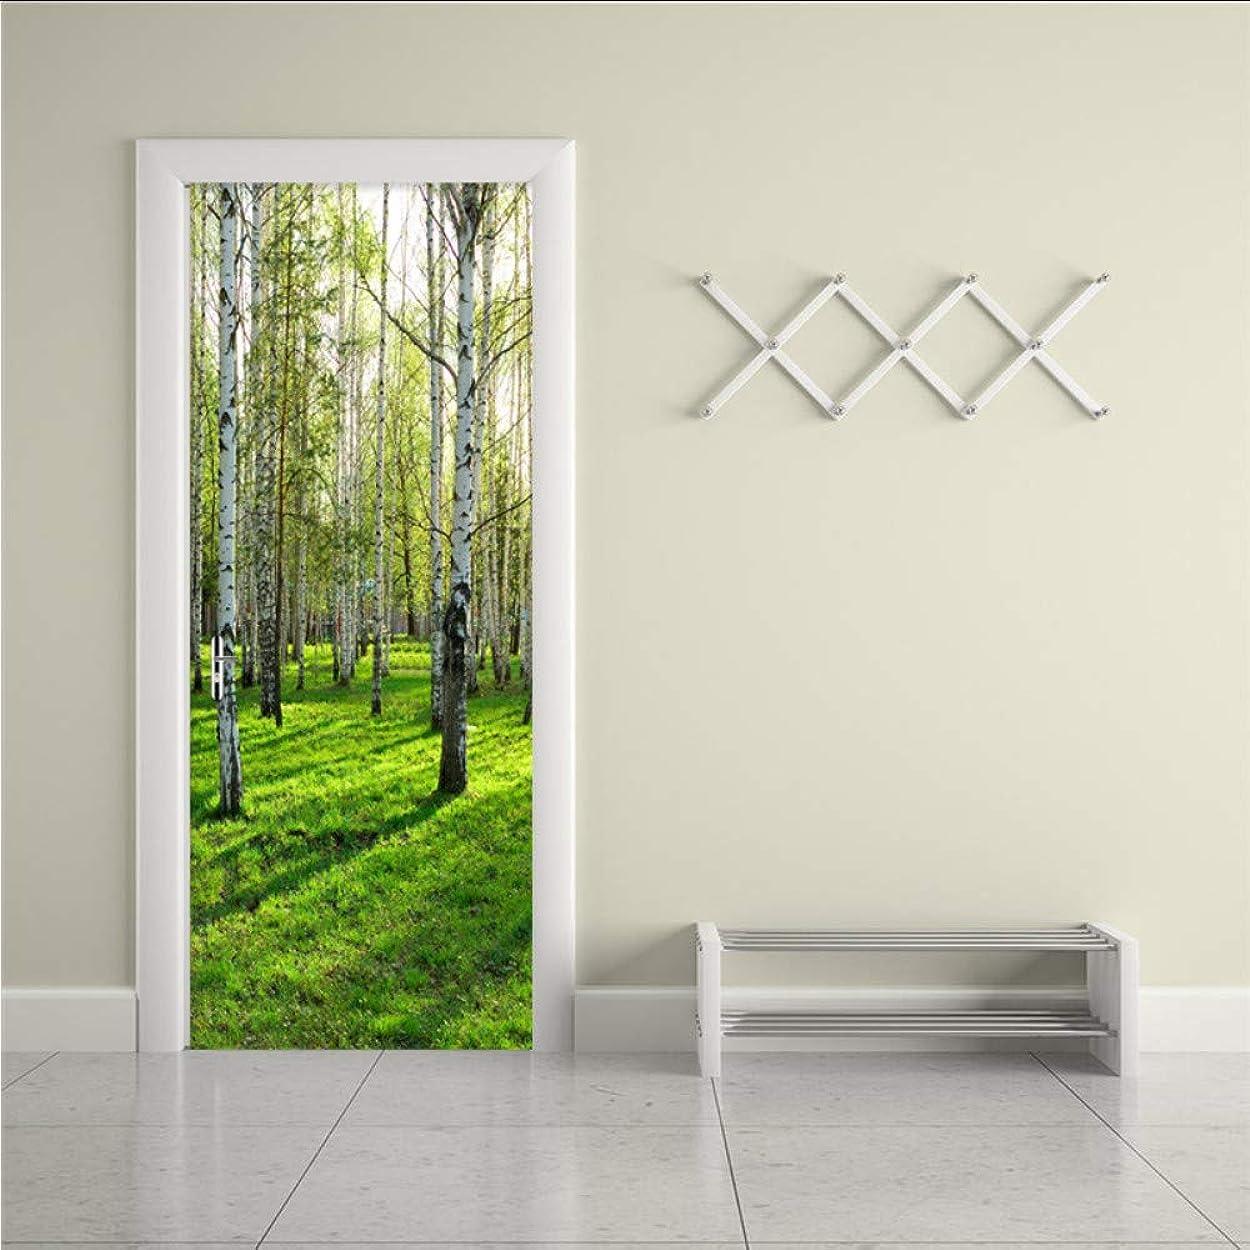 改善する報復するサミットMingld 写真の壁紙現代のシンプルな3Dステレオバーチの森の壁画壁のステッカーリビングルームの寝室の家の装飾Pvc防水壁紙-200X140Cm